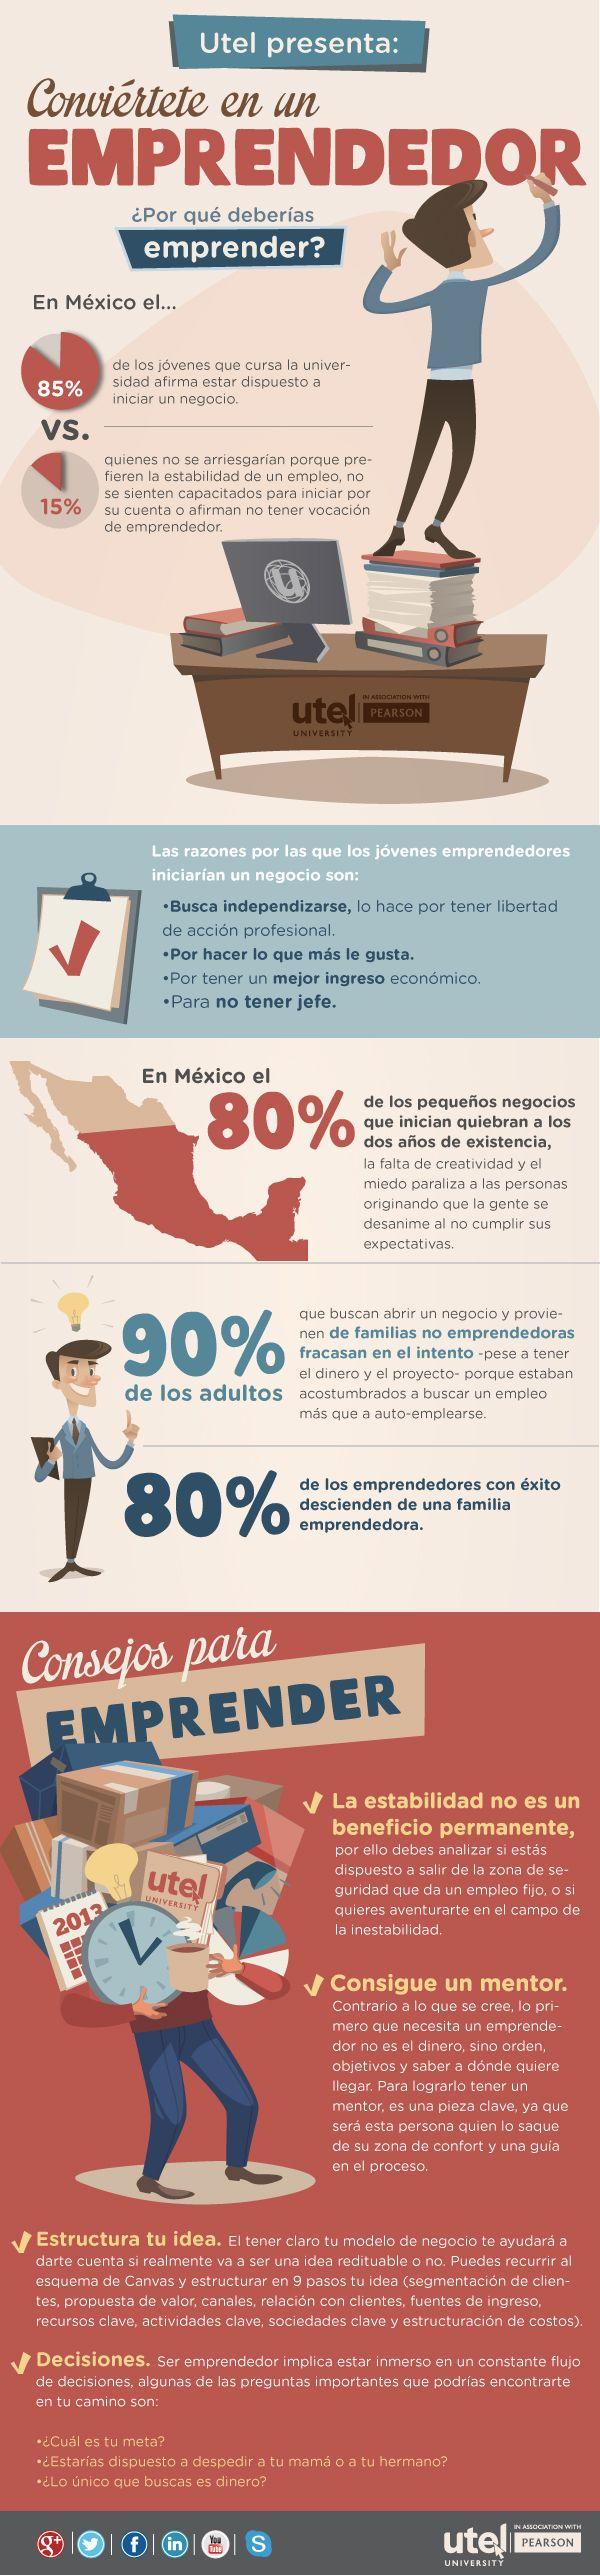 ¡Conviértete en un #emprendedor! Sabías que en #México, el 85% de los…